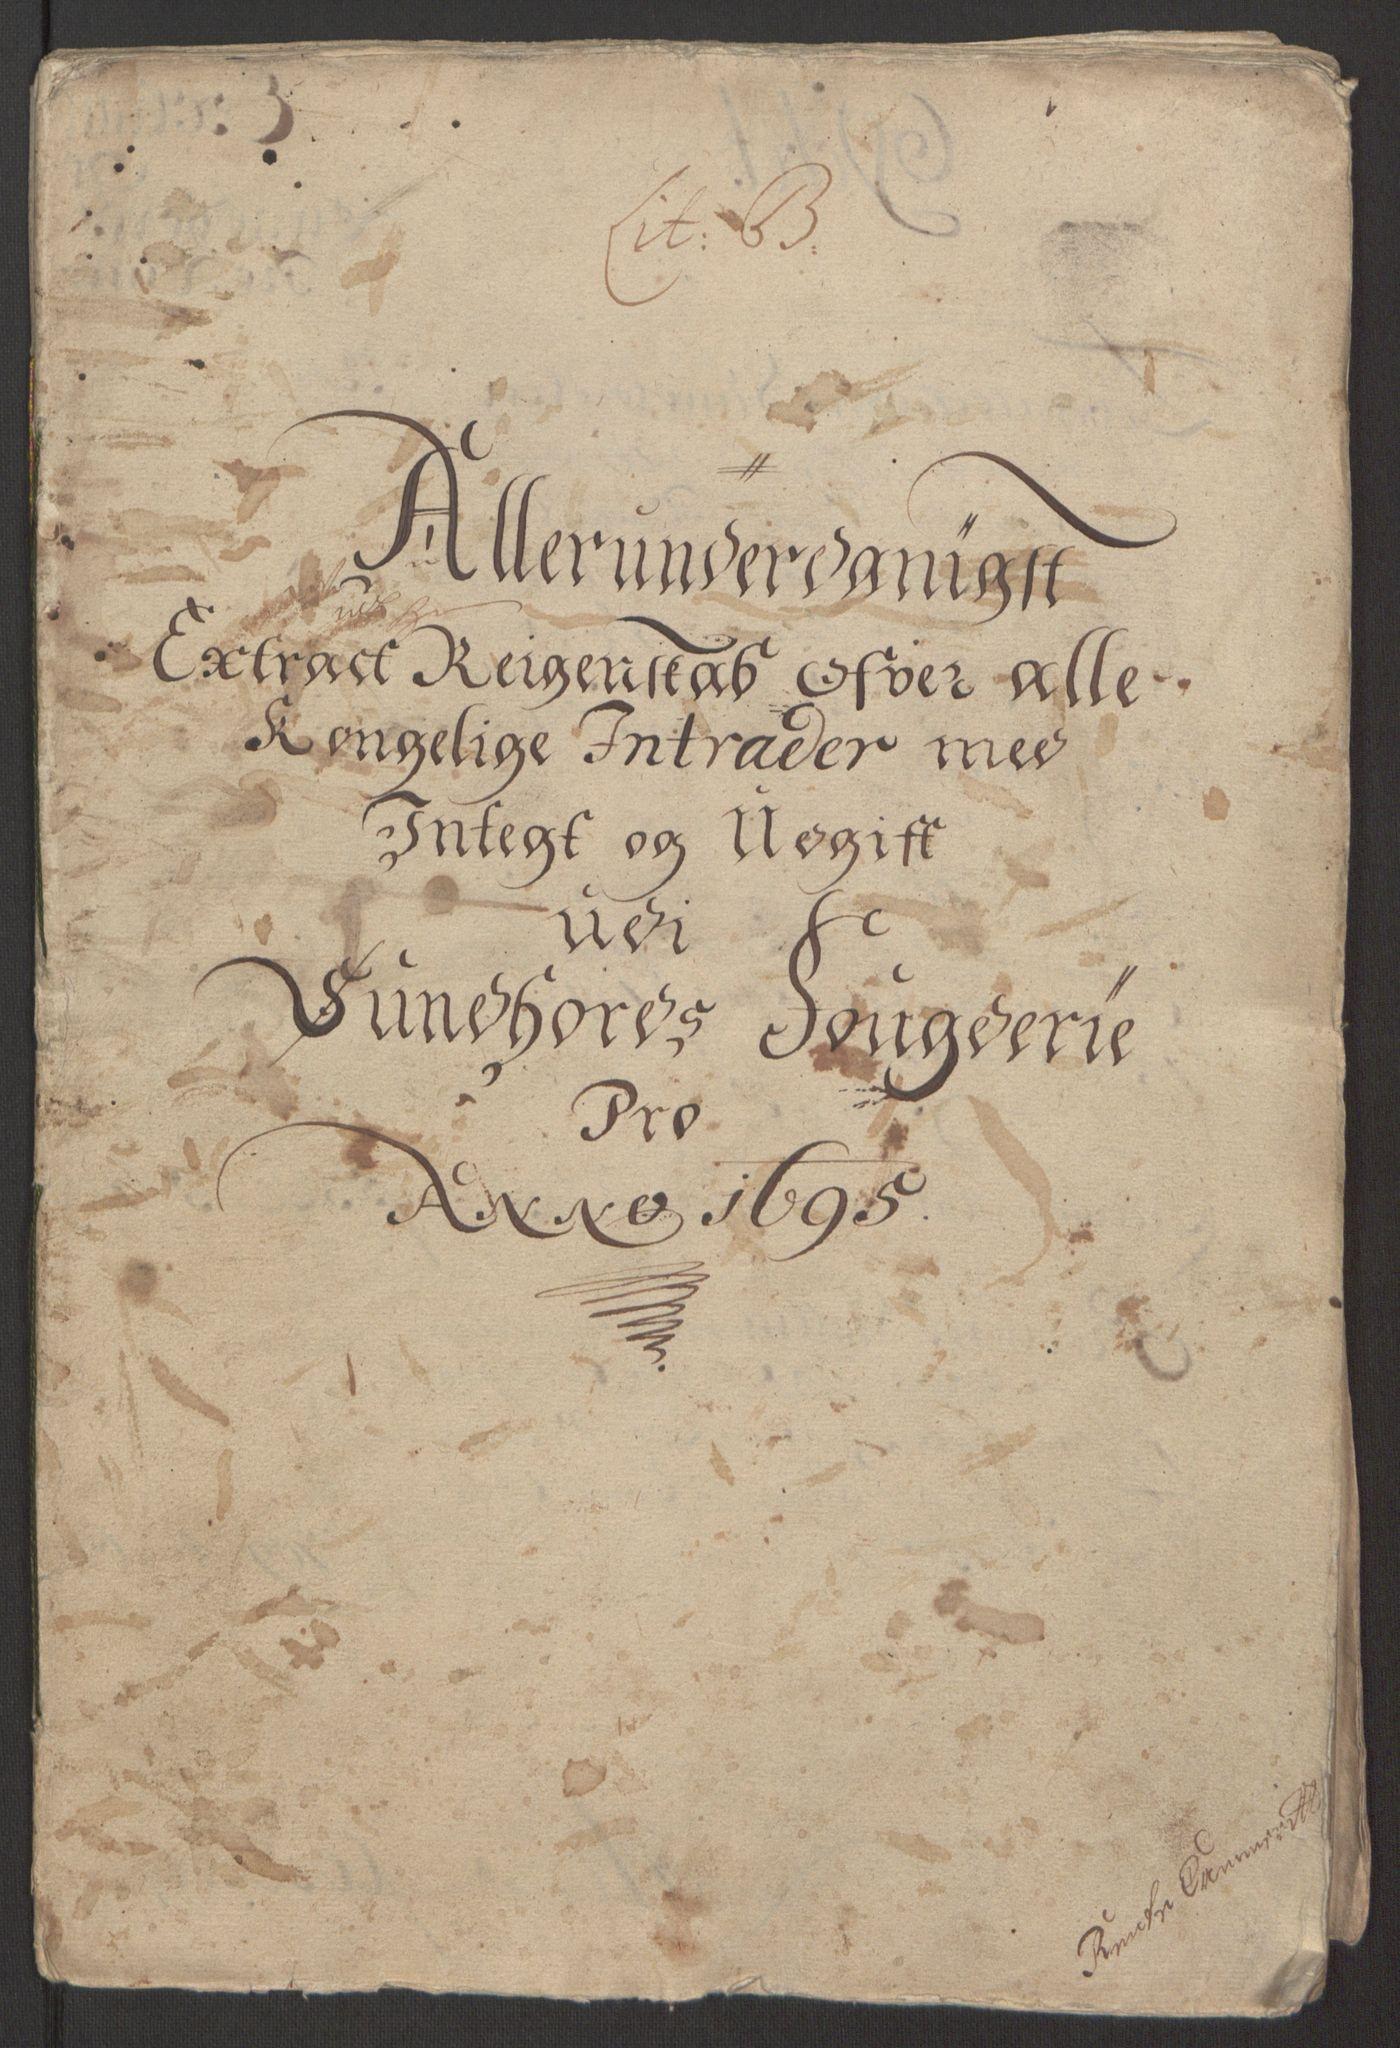 RA, Rentekammeret inntil 1814, Reviderte regnskaper, Fogderegnskap, R48/L2976: Fogderegnskap Sunnhordland og Hardanger, 1695-1696, s. 4